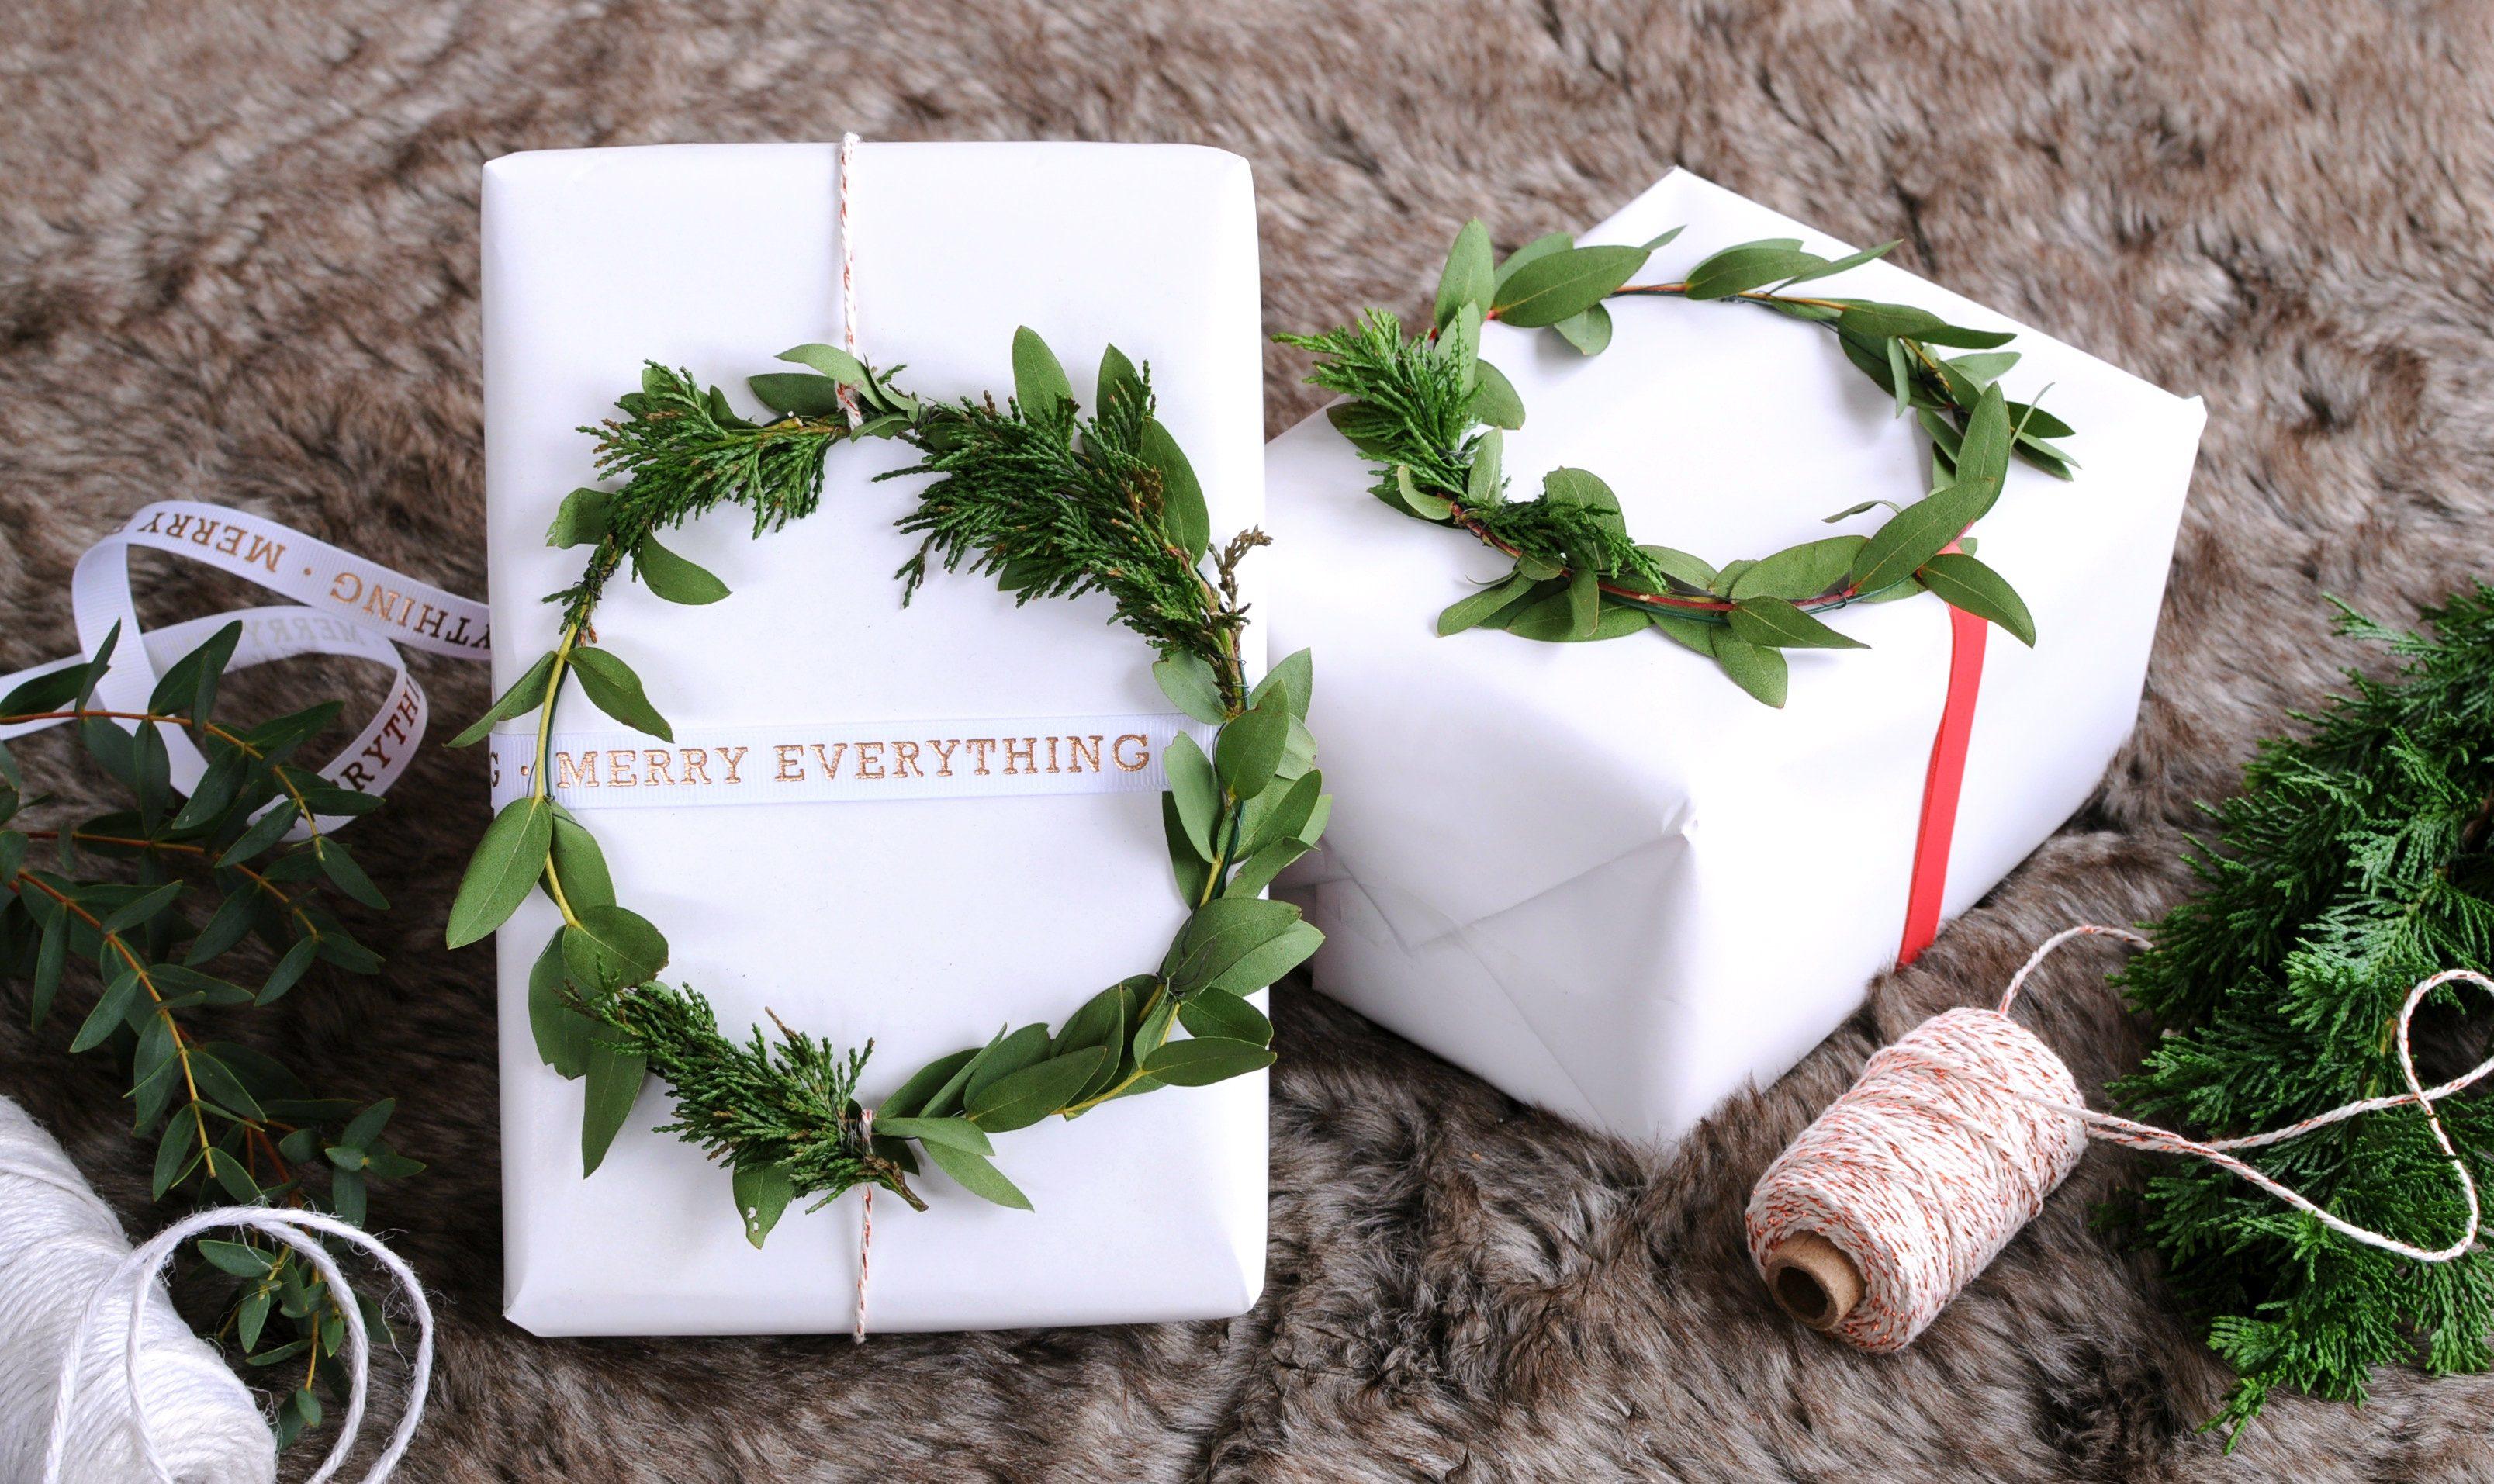 kerst cadeaus inpakken met kerstkrans